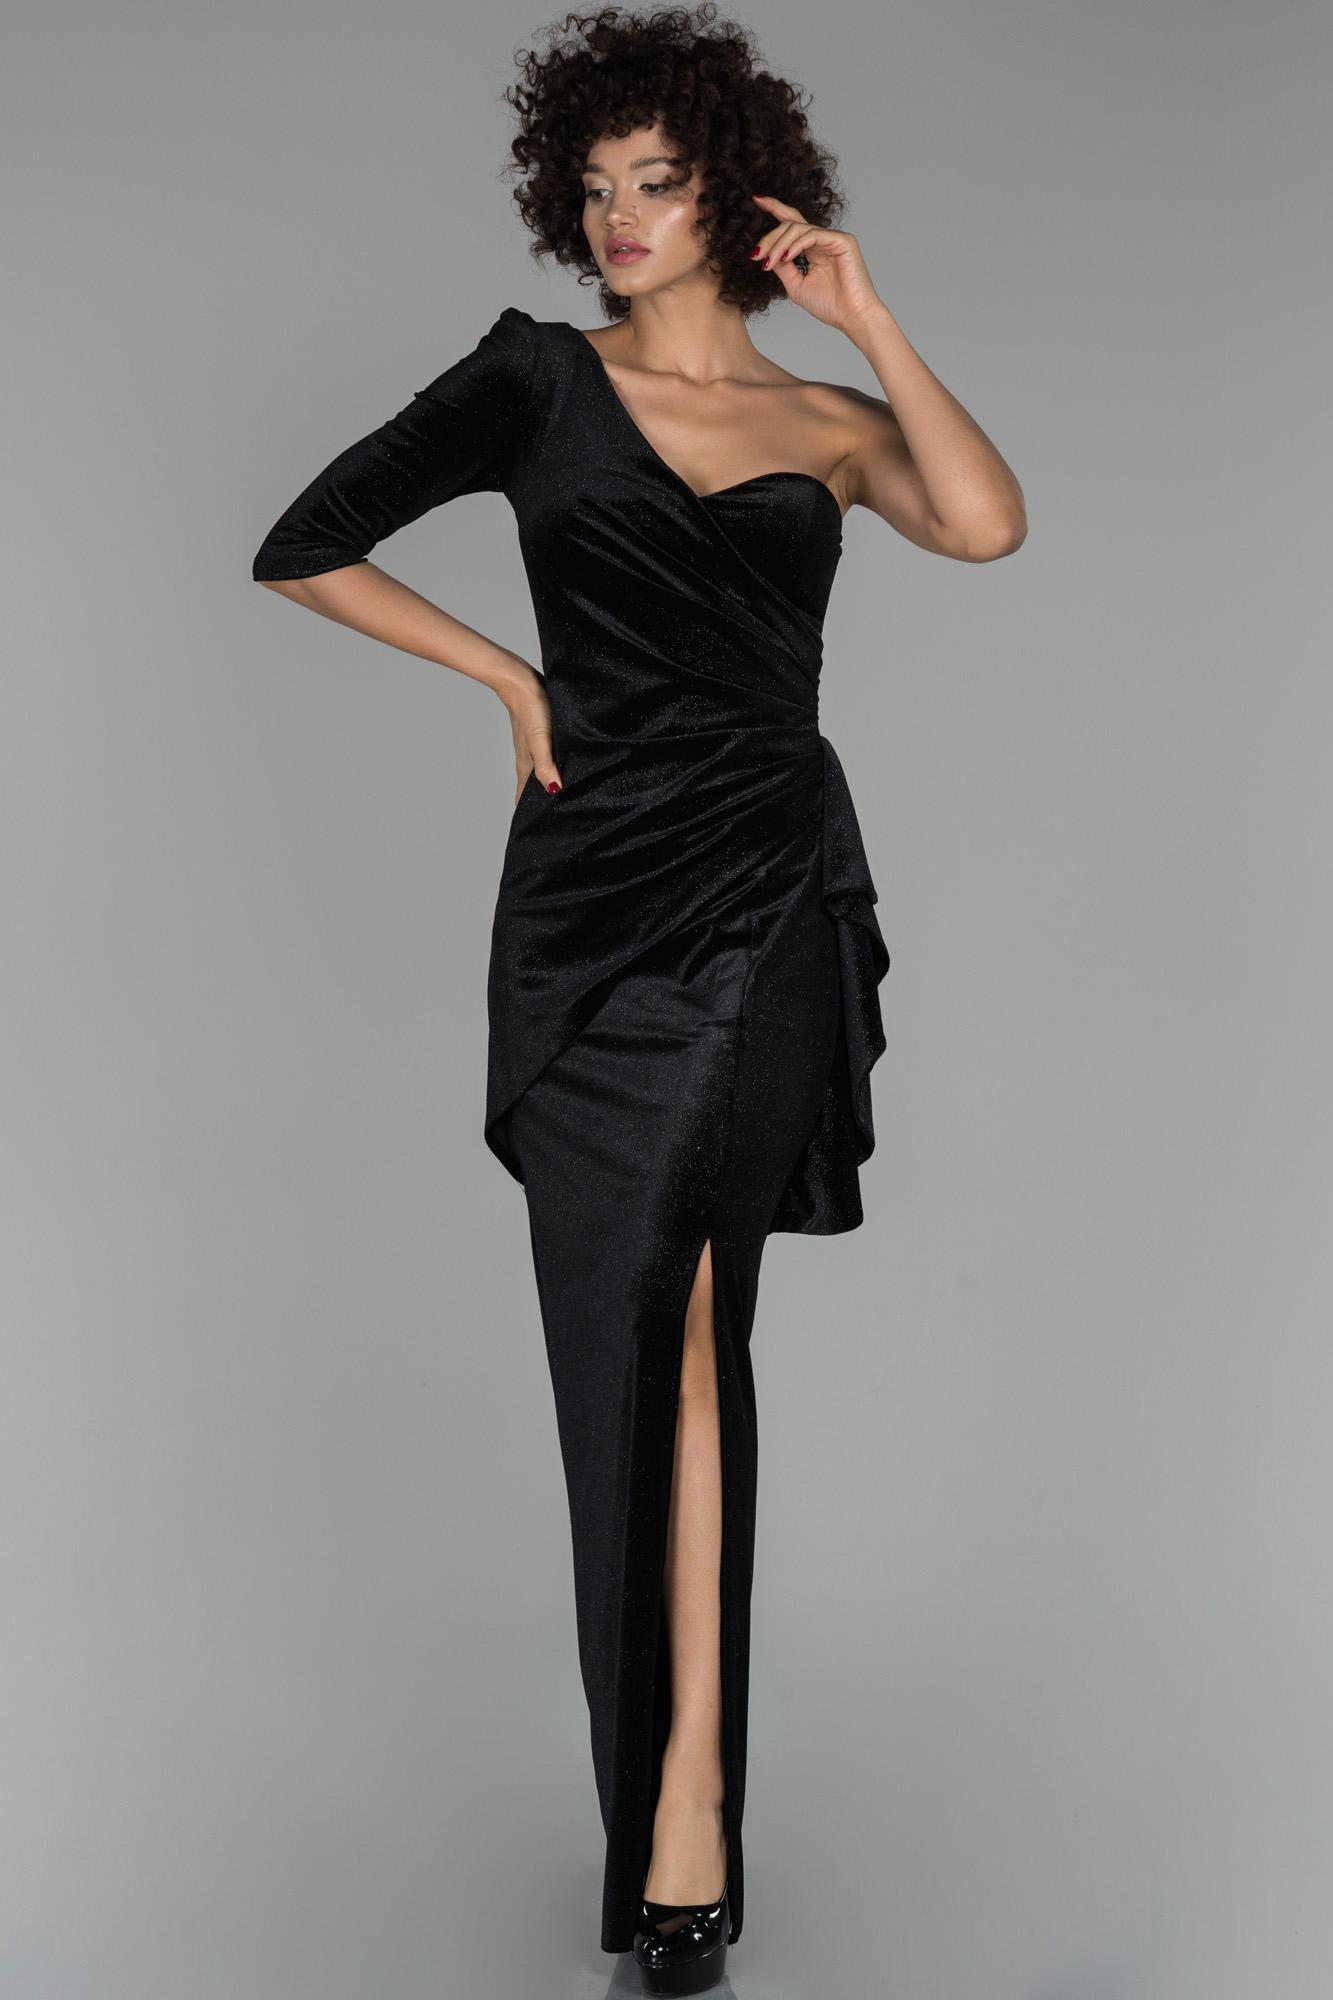 Siyah Uzun Tek Kol Balık Kadife Abiye Elbise